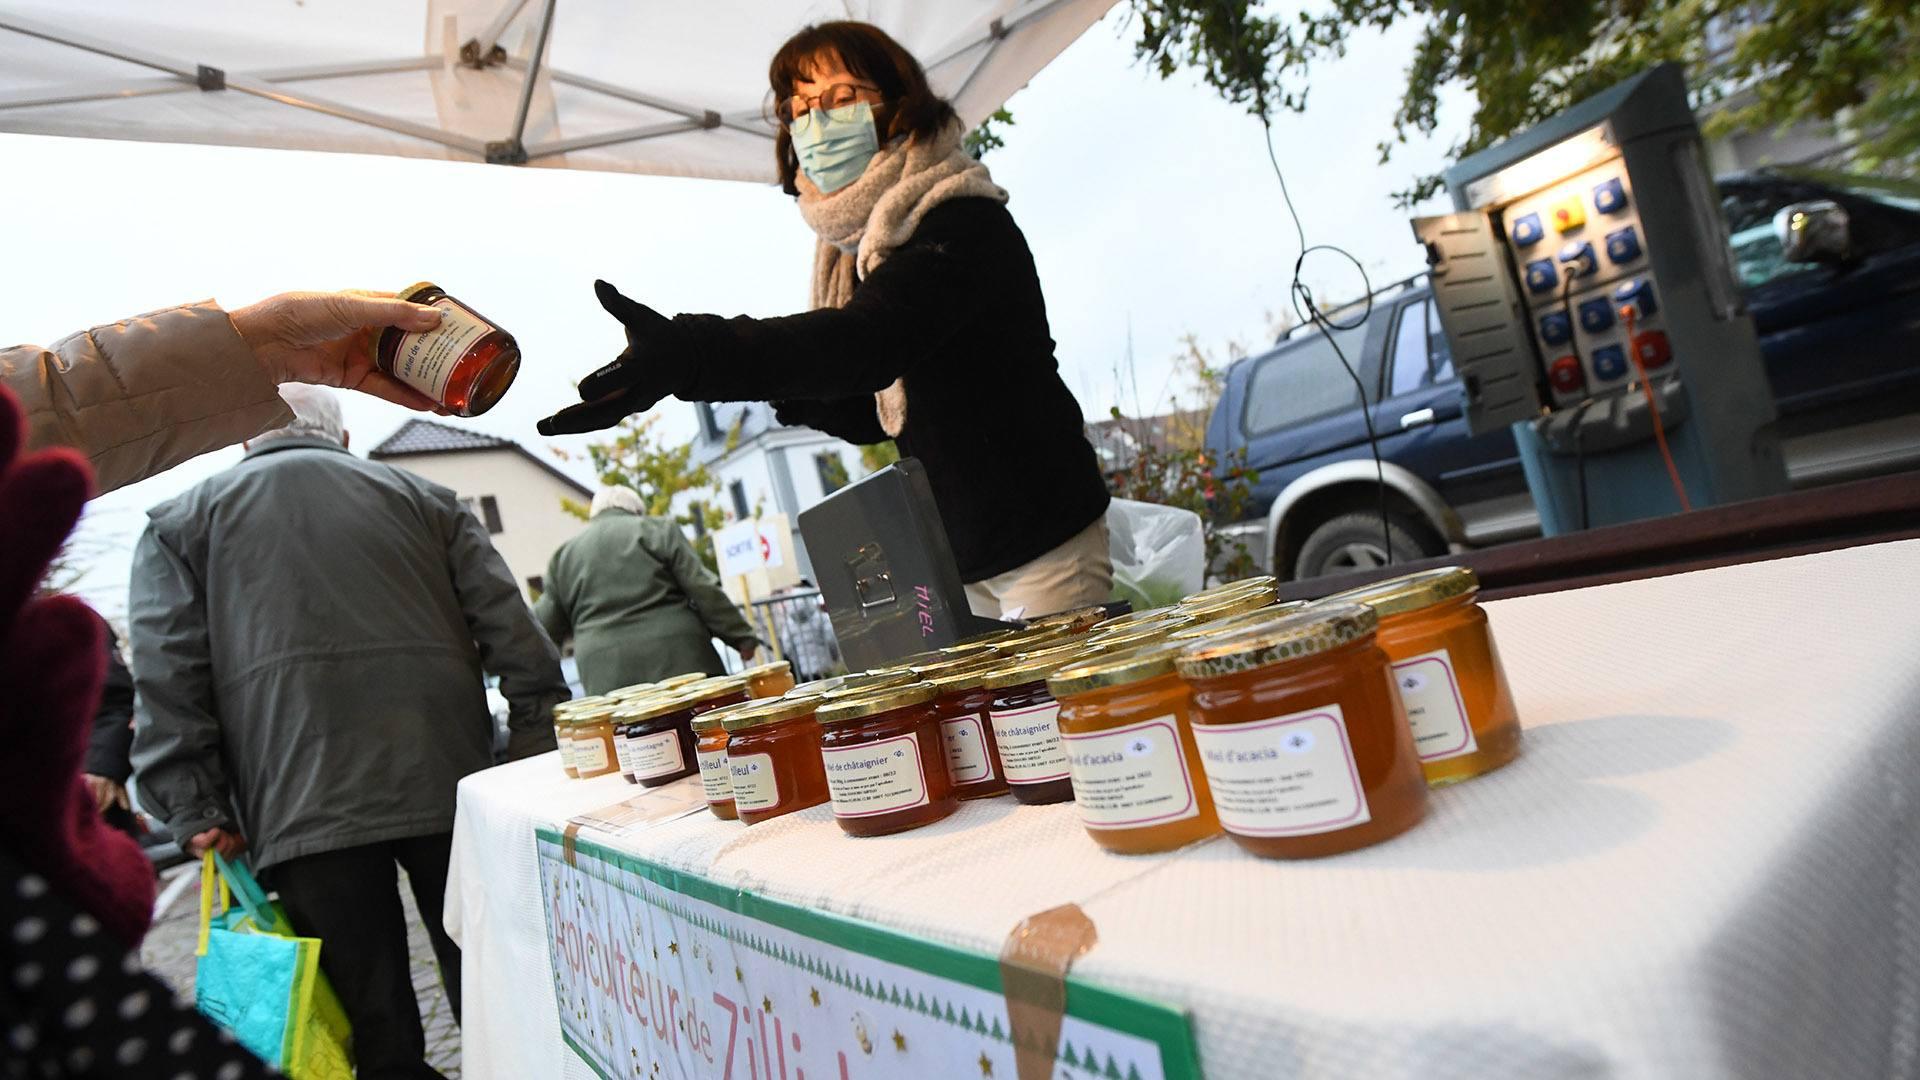 Zillisheim un nouveau marché de producteurs : Des miels produits à Zillisheim